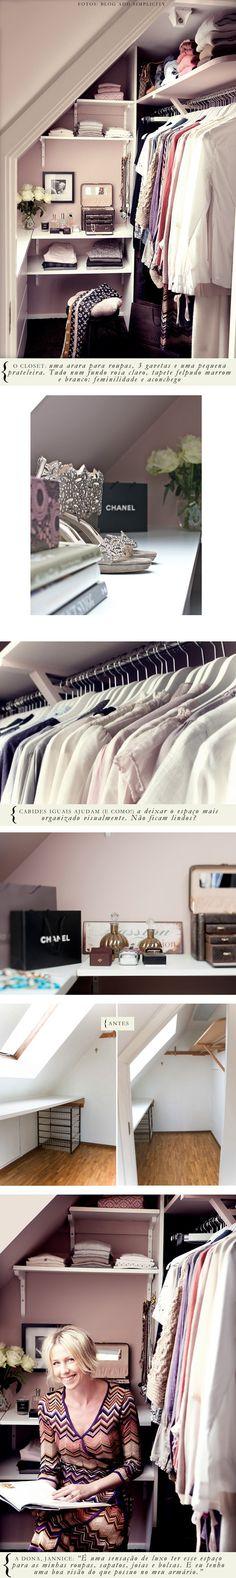 living-gazette-barbara-resende-quarto-mini-closet